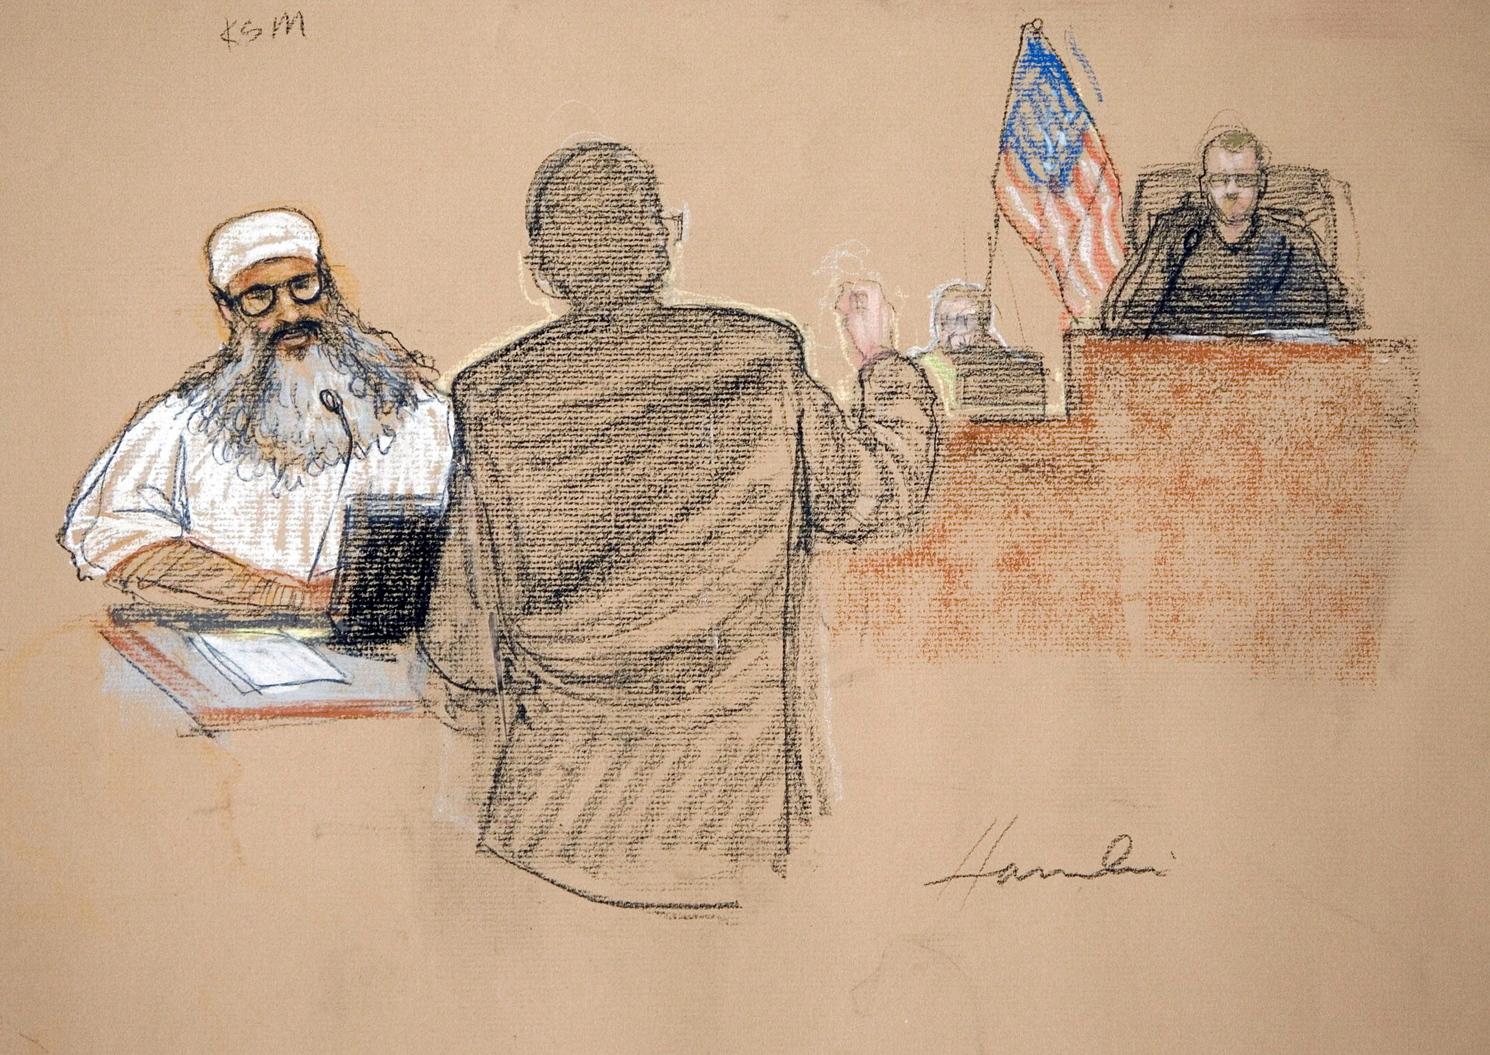 Guantánamo, 2008. június 6. Bírósági rajzoló által készített kép a 2001. szeptember 11-i egyesült államokbeli repülőgépes terrortámadások értelmi szerzőjének tartott Hálid SEJK MOHAMED-ről (b), amint első bírósági meghallgatásán vesz részt a guantánamói amerikai haditengerészeti támaszponton 2008. június 5-én. Ezen a napon kedődött meg Sejk Mohamed és négy társa perének tárgyalása Guantánamón. (MTI/EPA/Janet Hamlin)